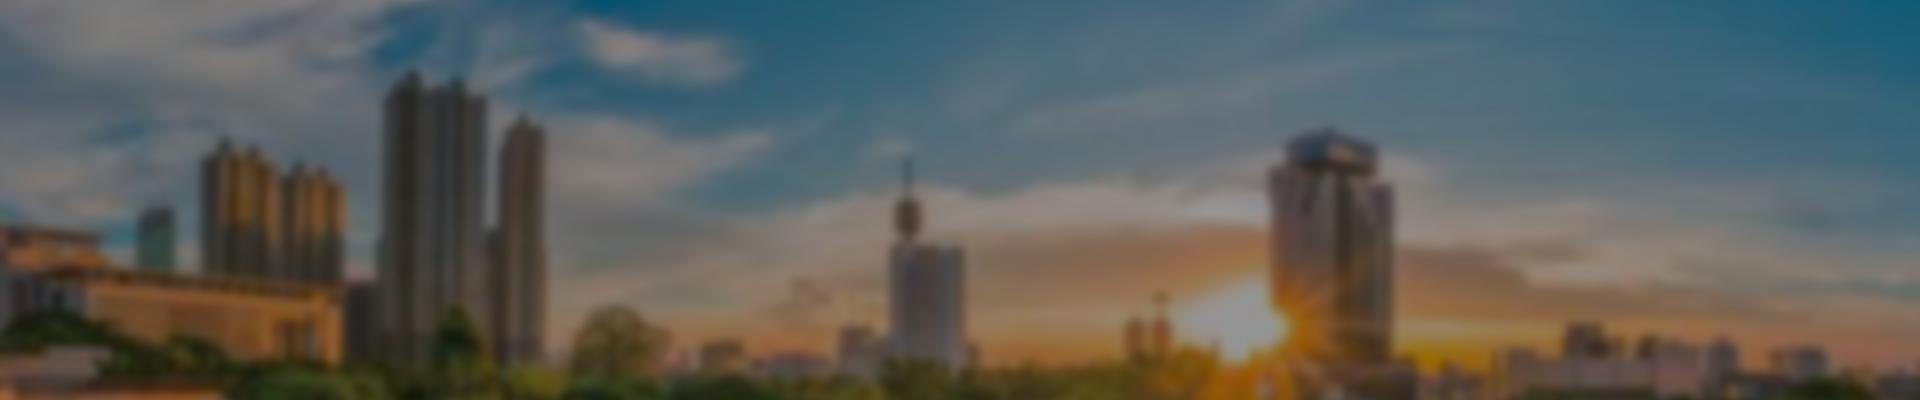 北京会议城市